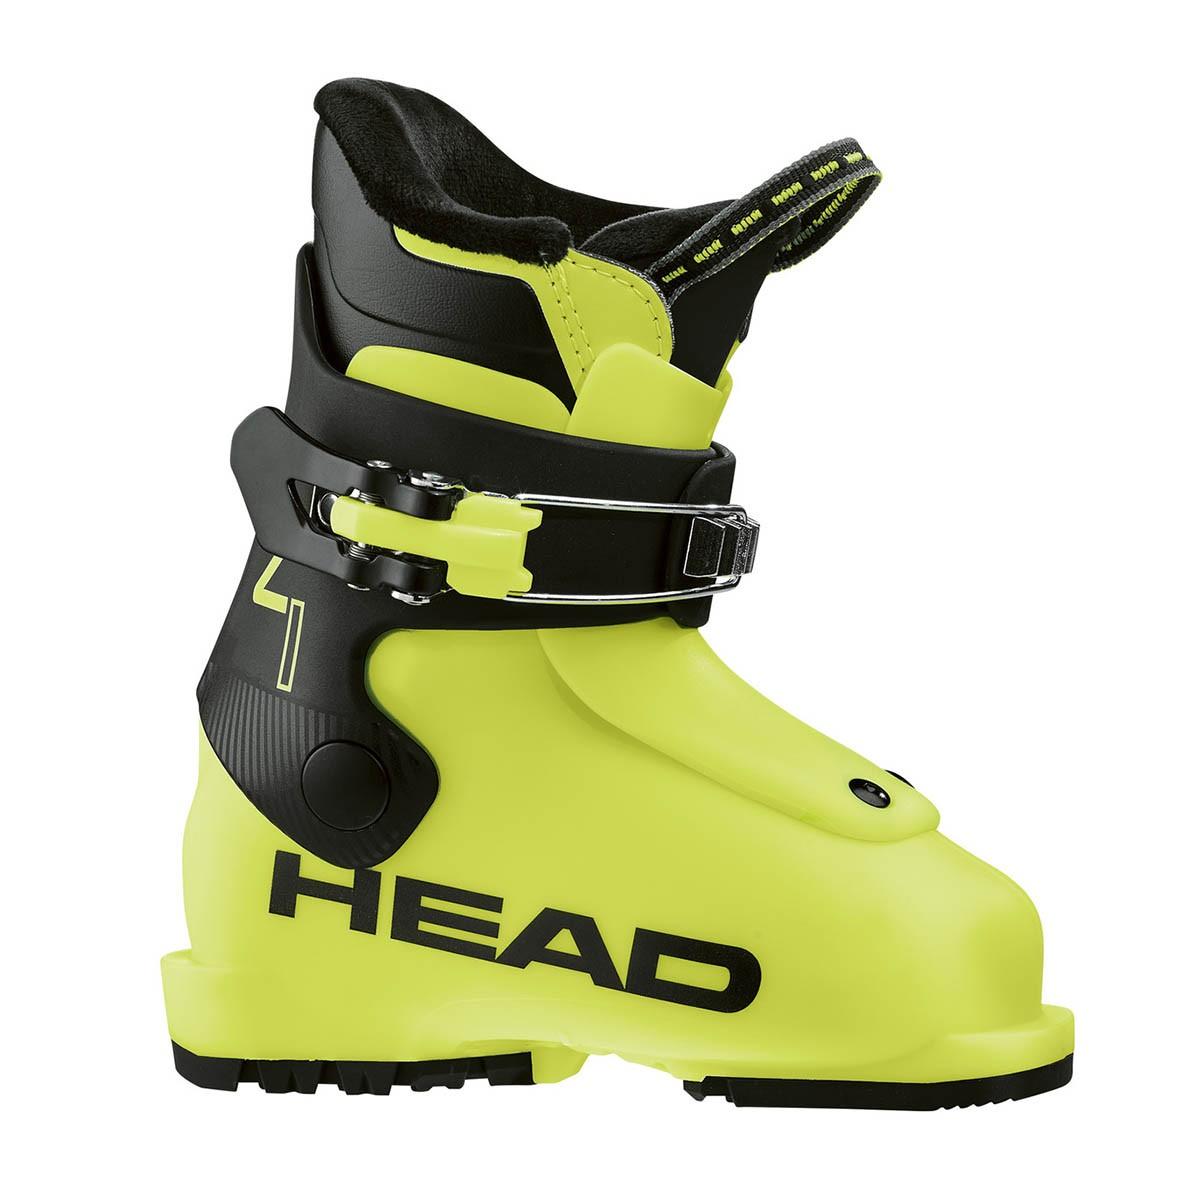 Scarponi sci Head Z1 (Colore: giallo nero, Taglia: 17.5)